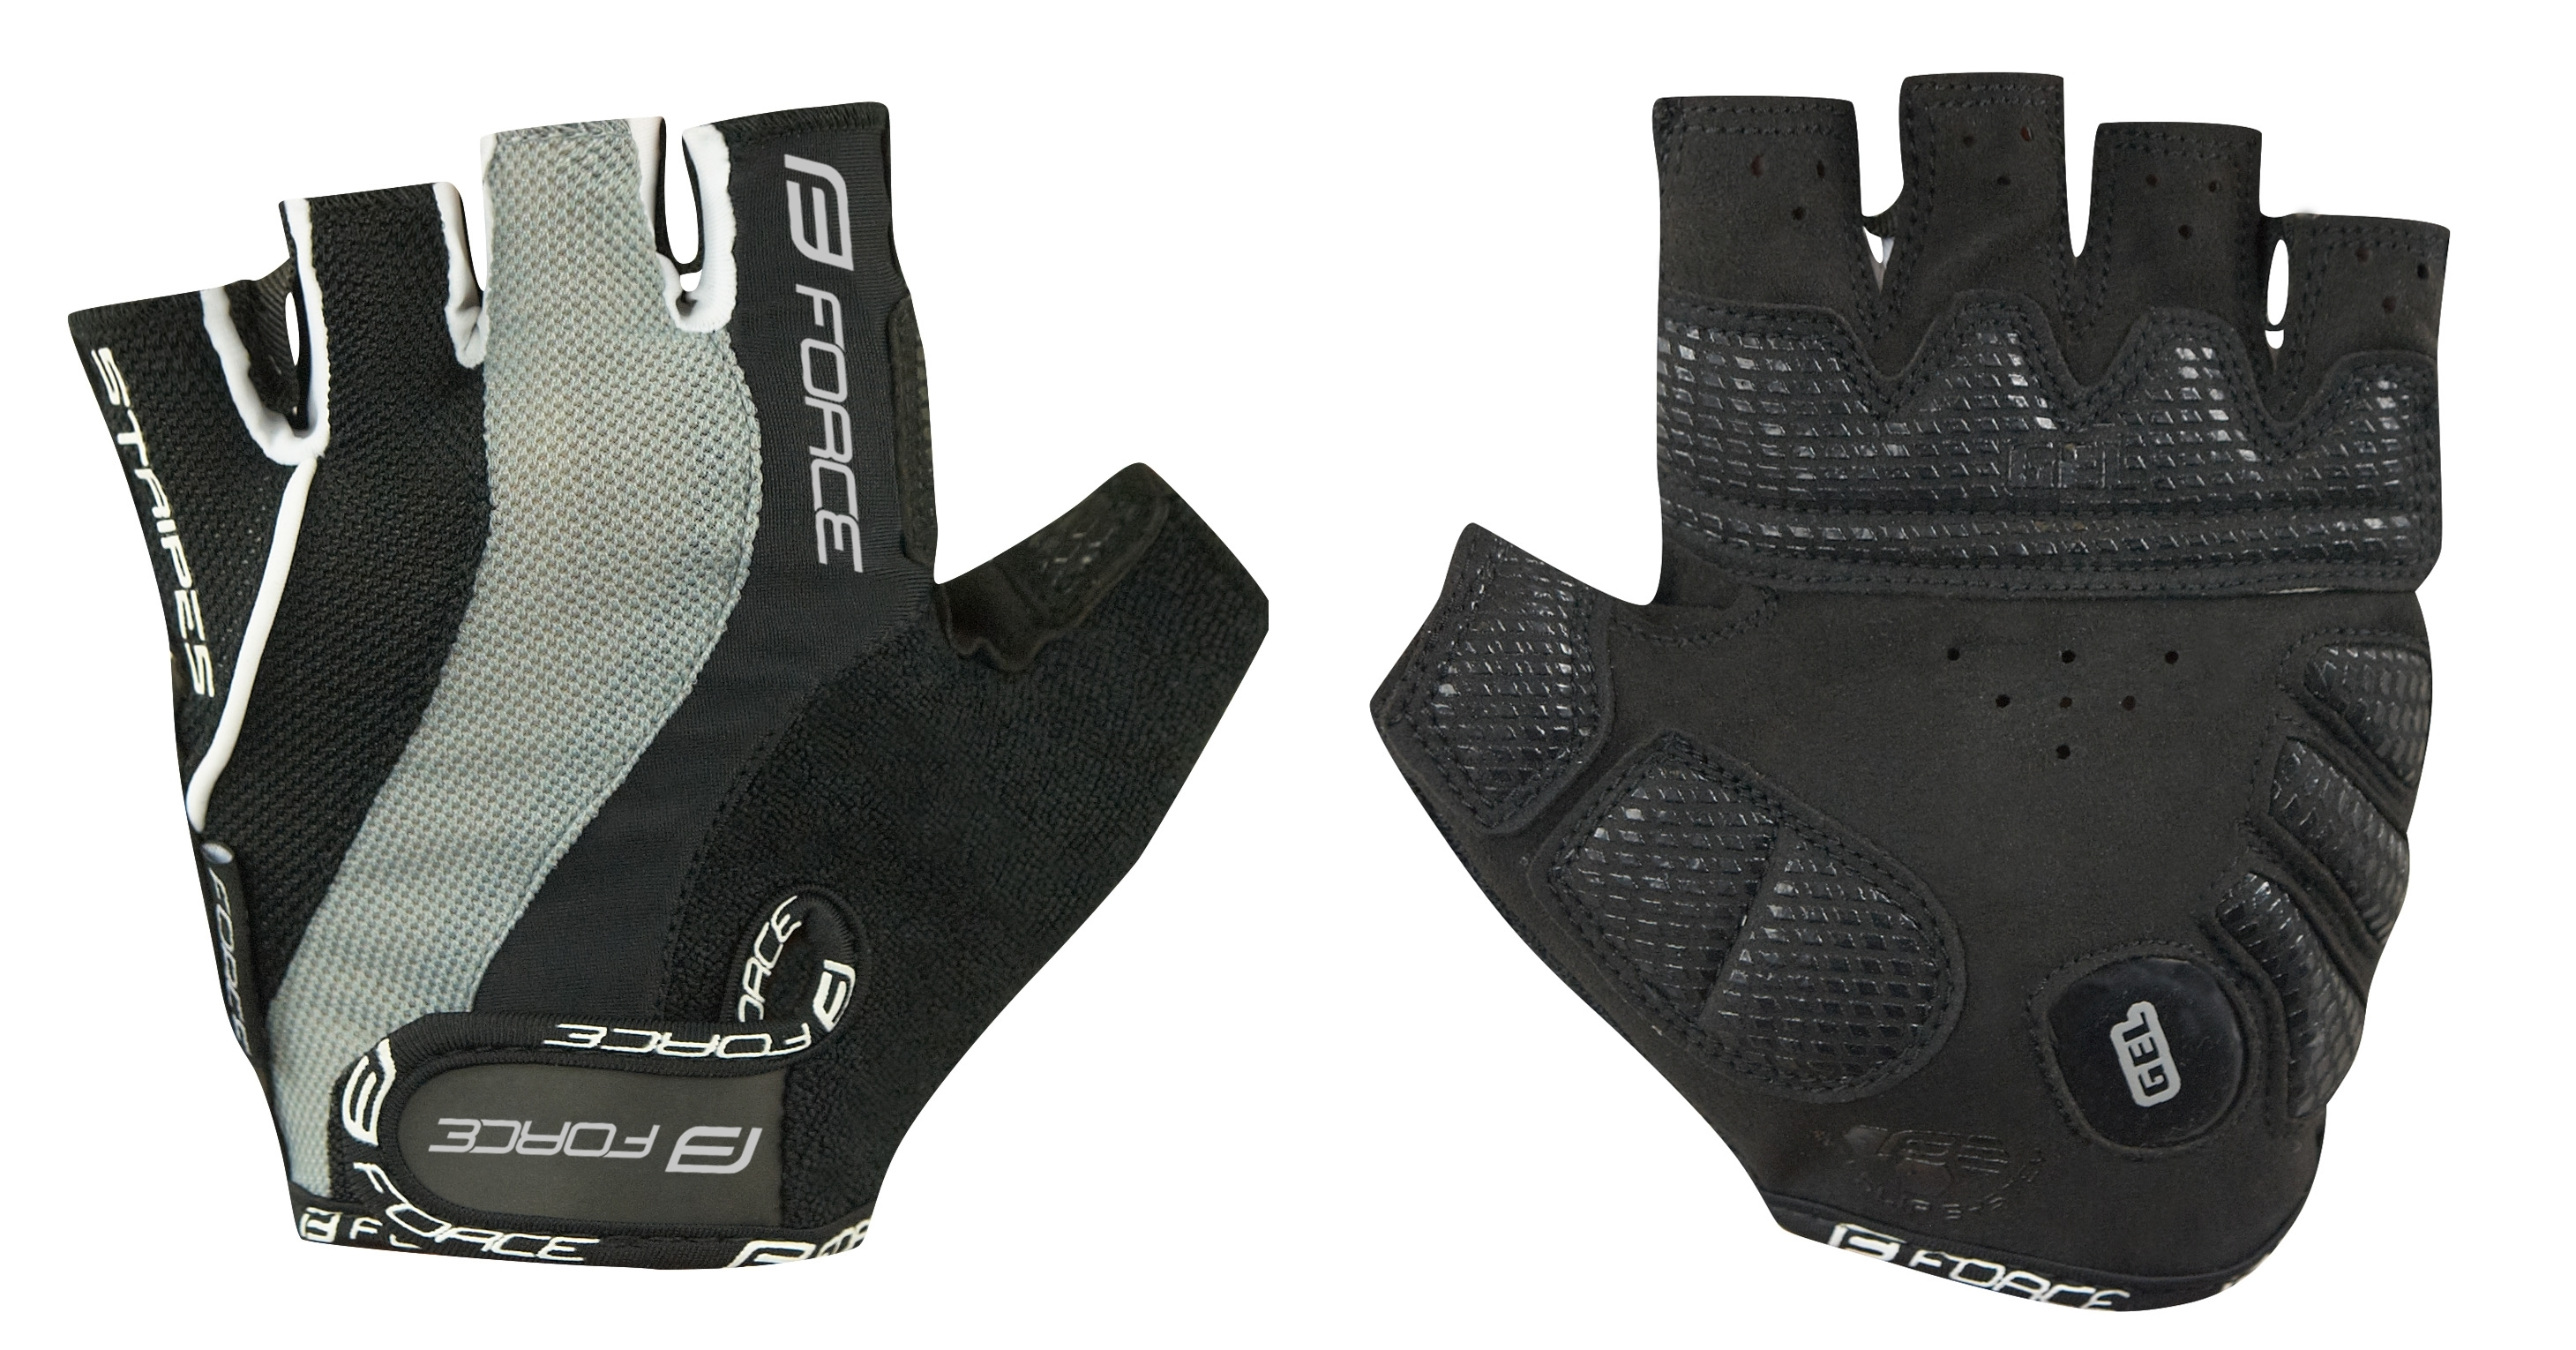 rukavice FORCE STRIPES gel, černé M